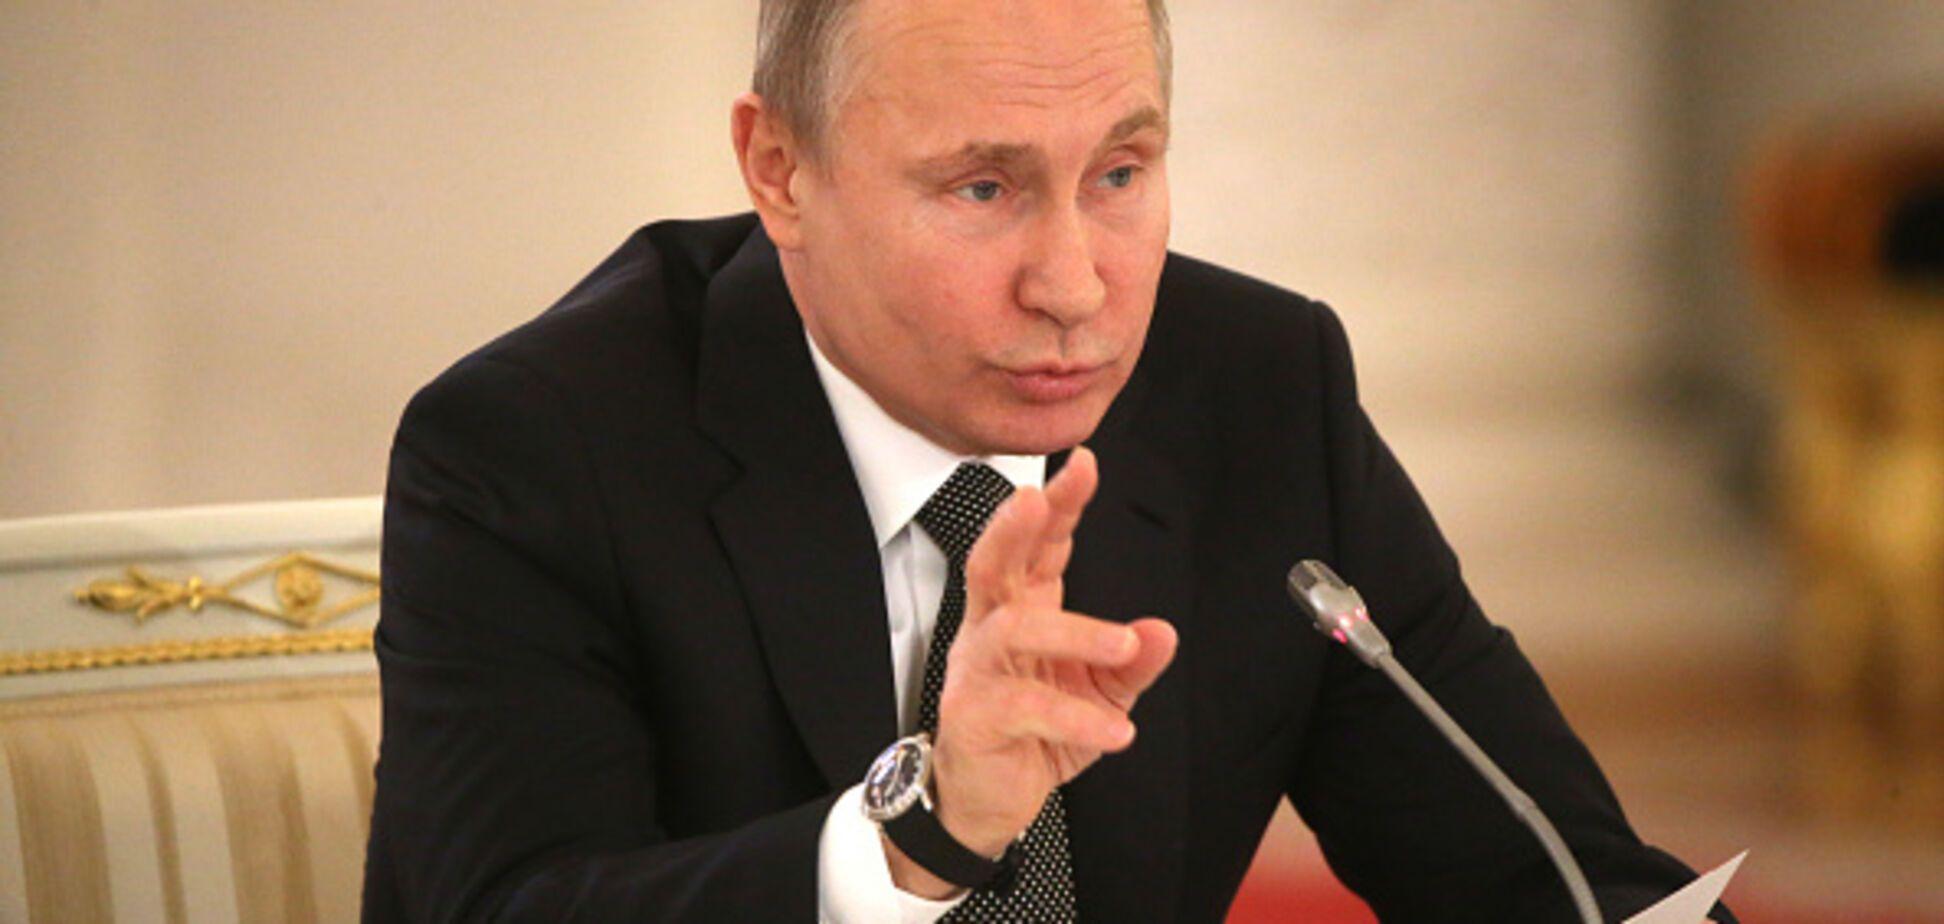 Украину хотят уничтожить: дипломат дал совет по борьбе с Путиным